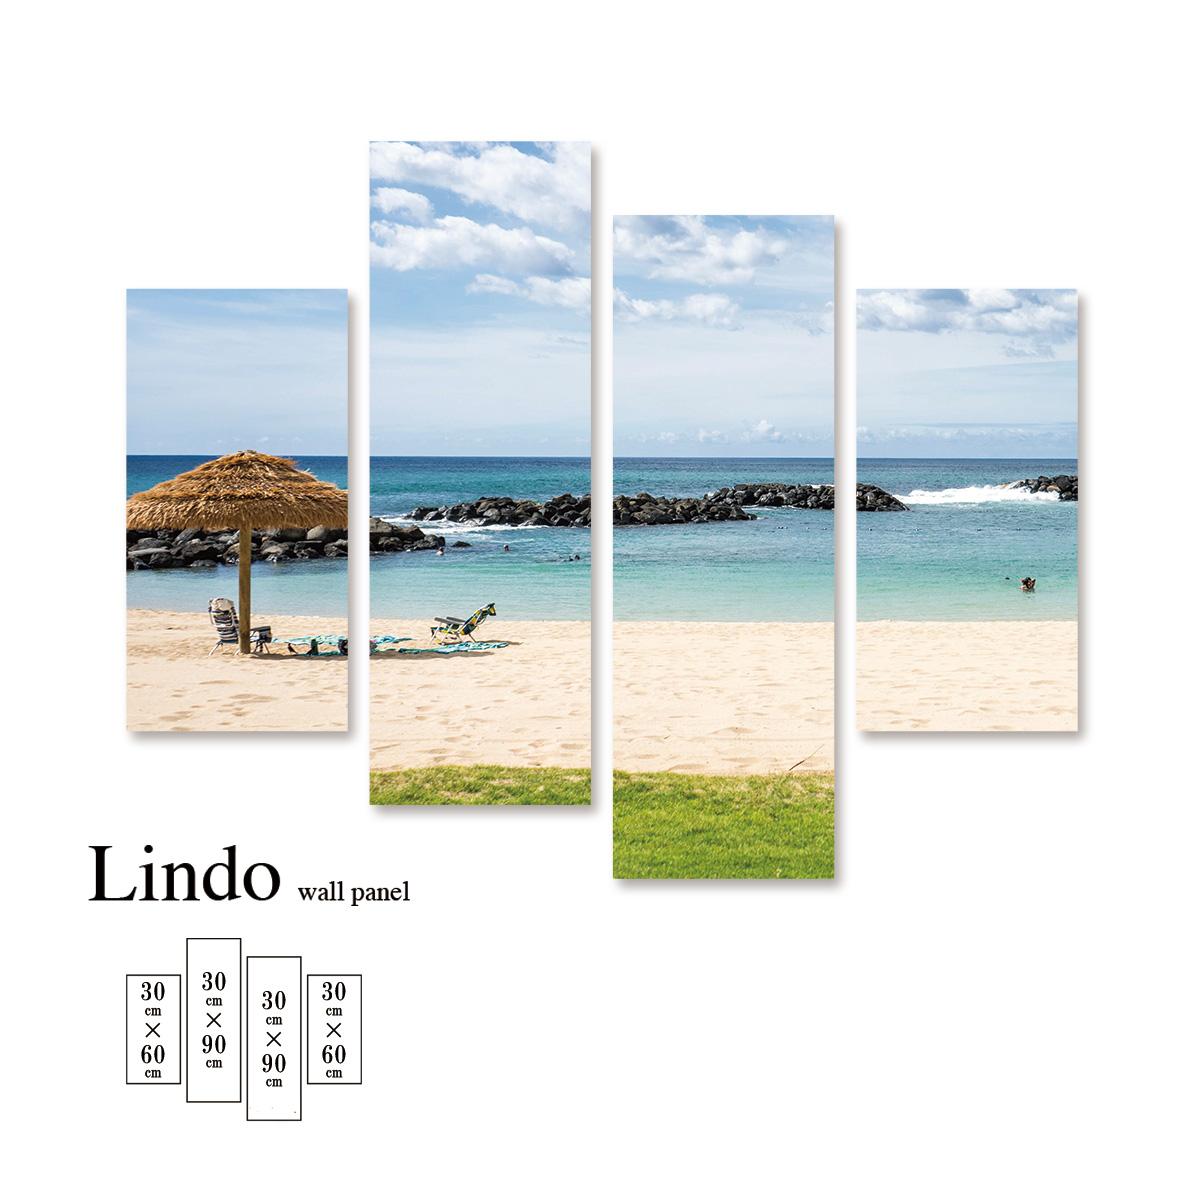 ファブリックパネル 海 海面 海岸 浜辺 ビーチ 風景 景色 砂浜 空 壁掛け 北欧 お洒落 デザイン アート 壁飾り アートボード 4枚パネル